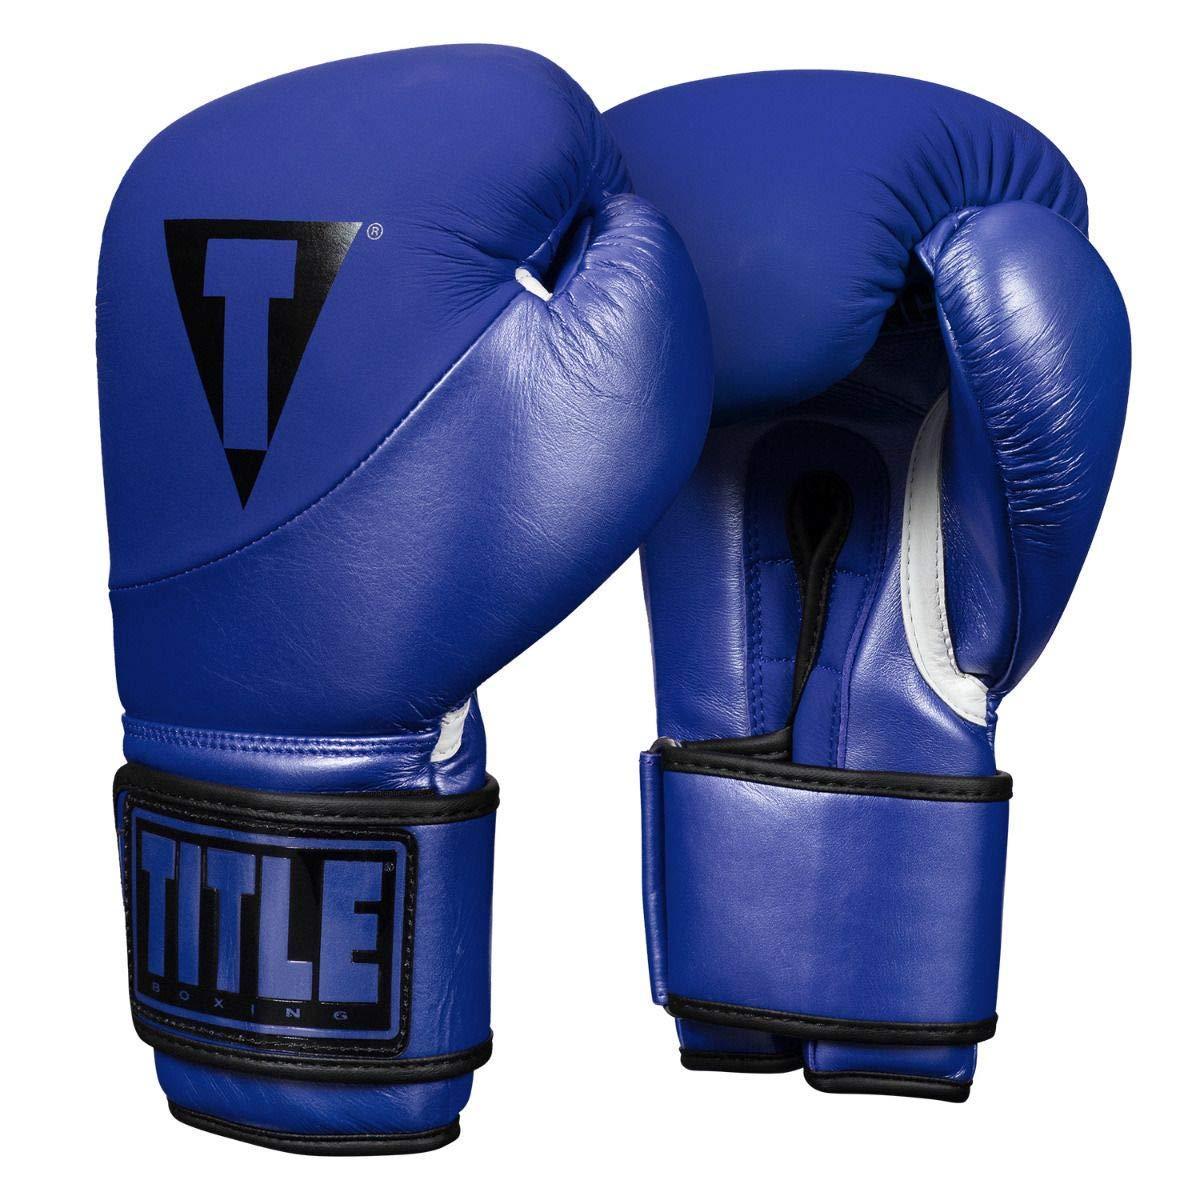 Title ボクシングサイクロンレザーバッググローブ ブルー 18 oz